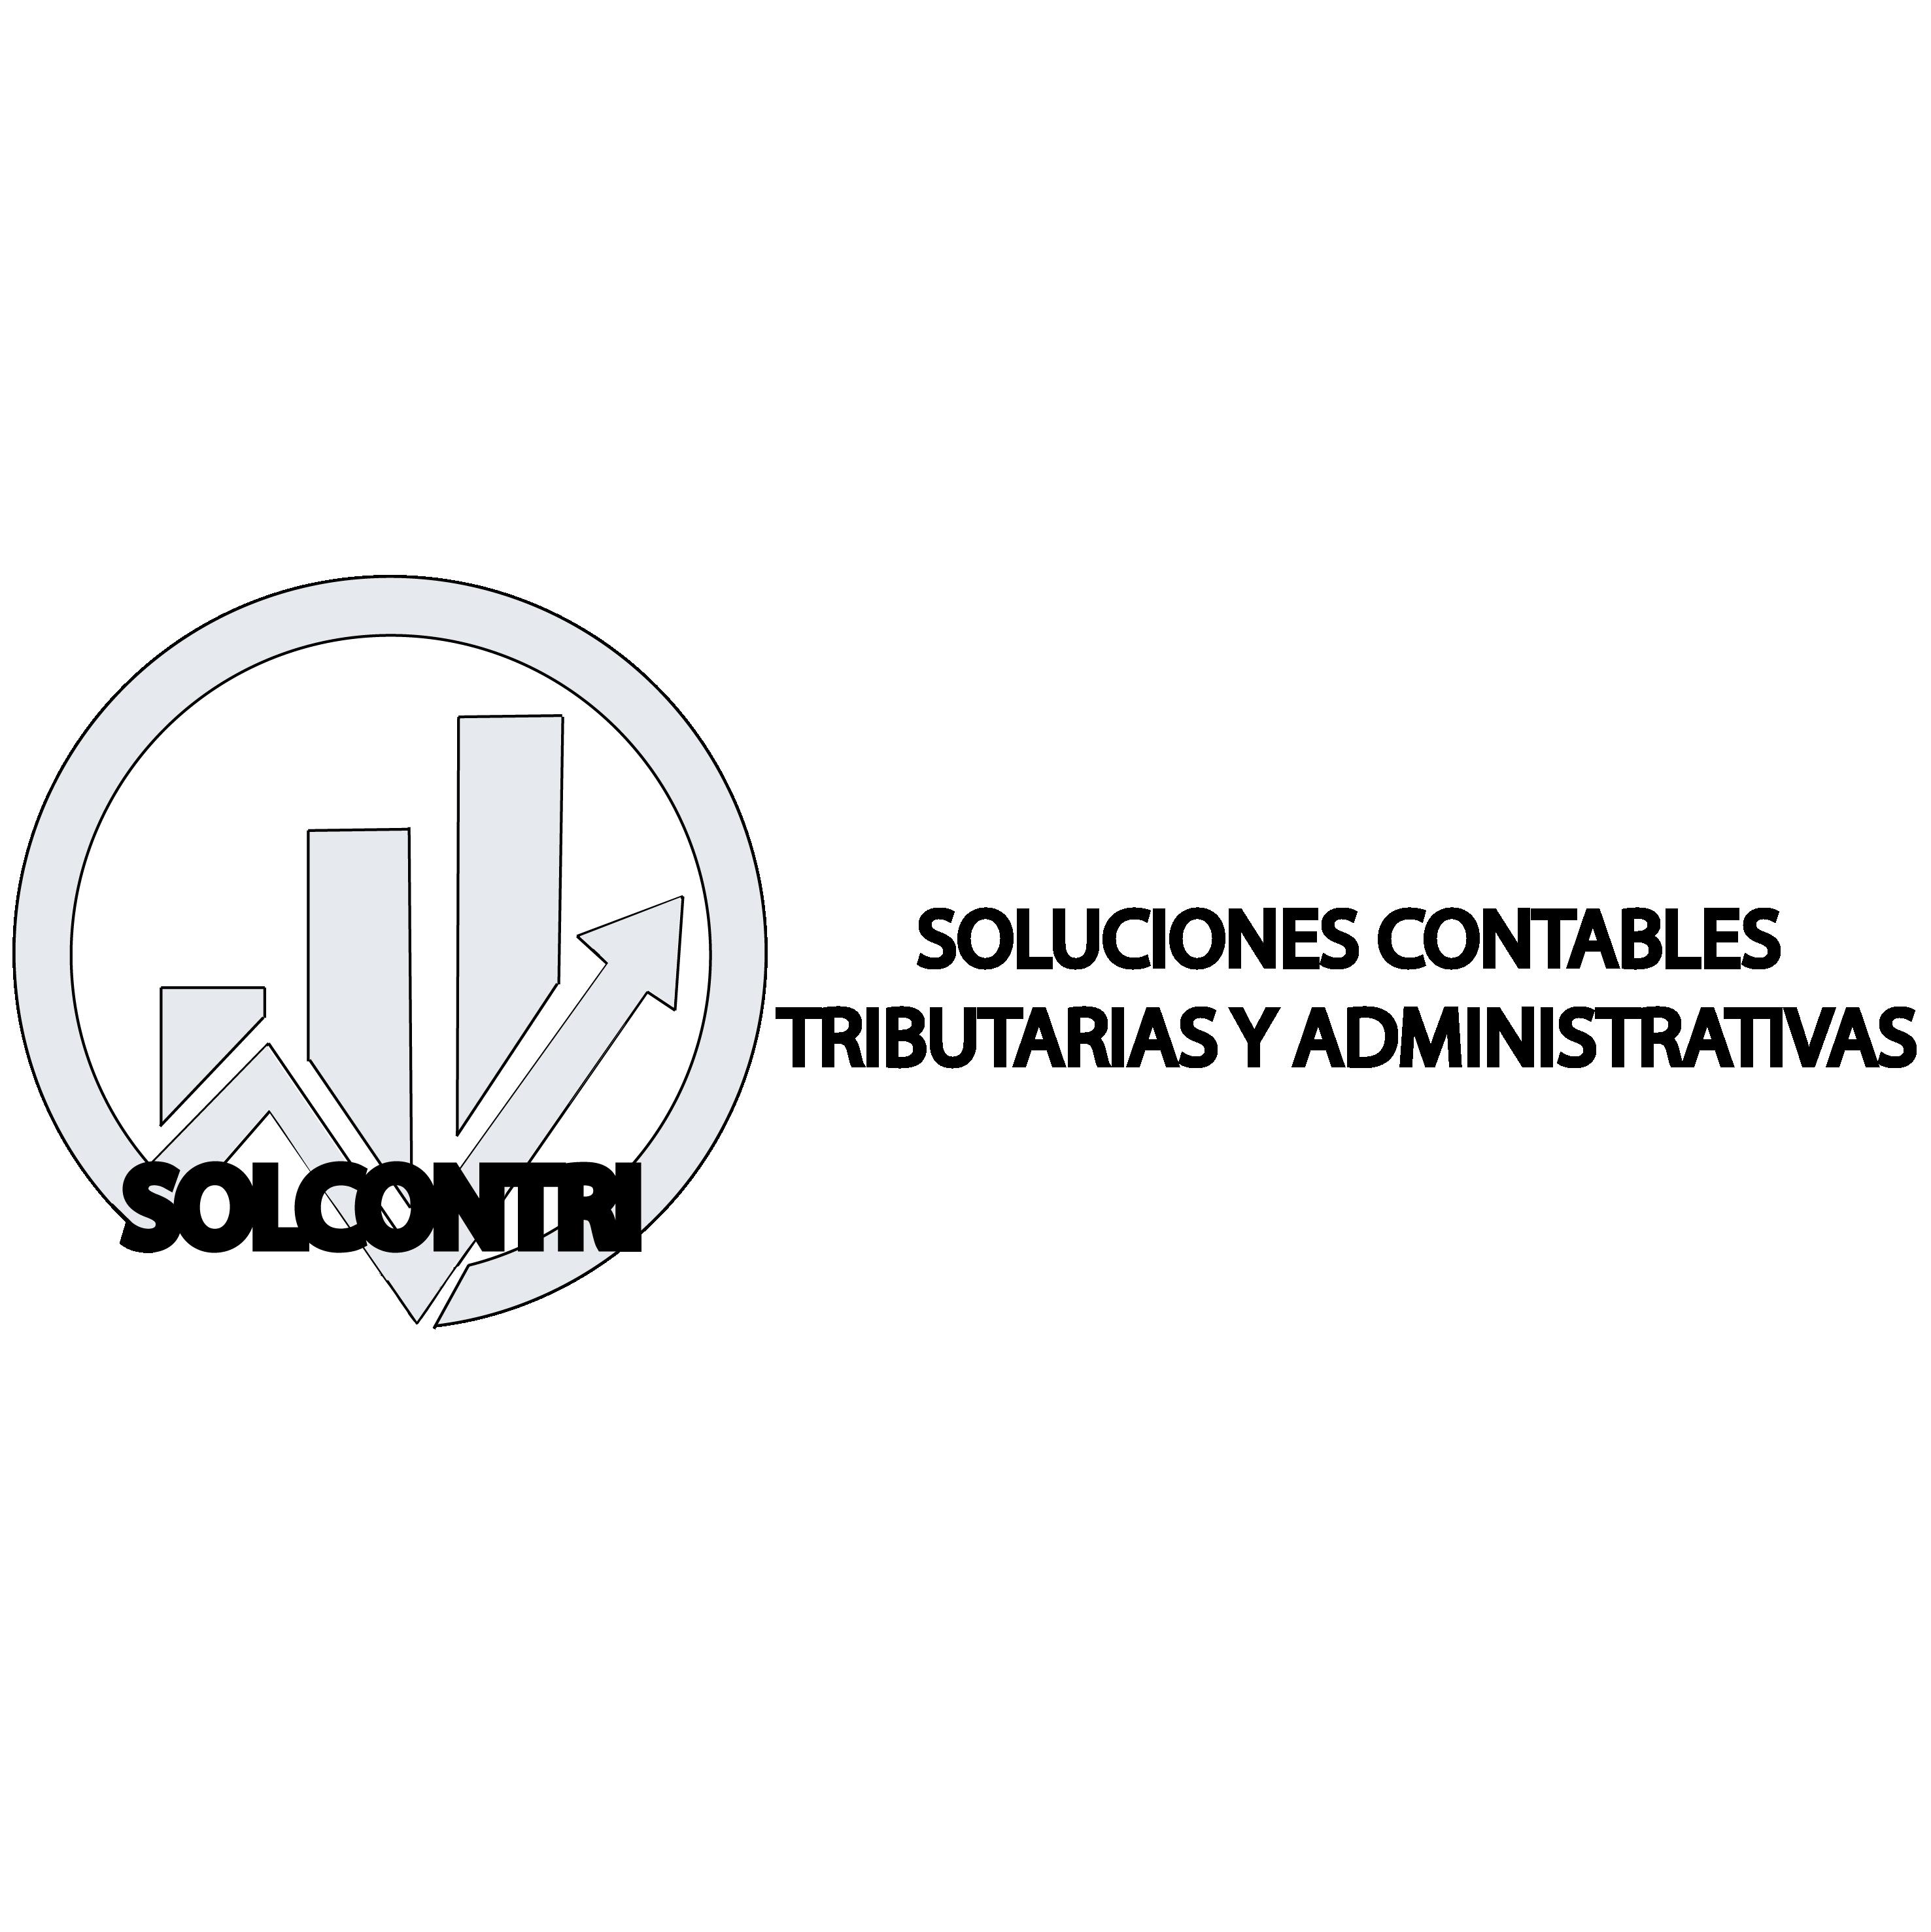 SOLCONTRI